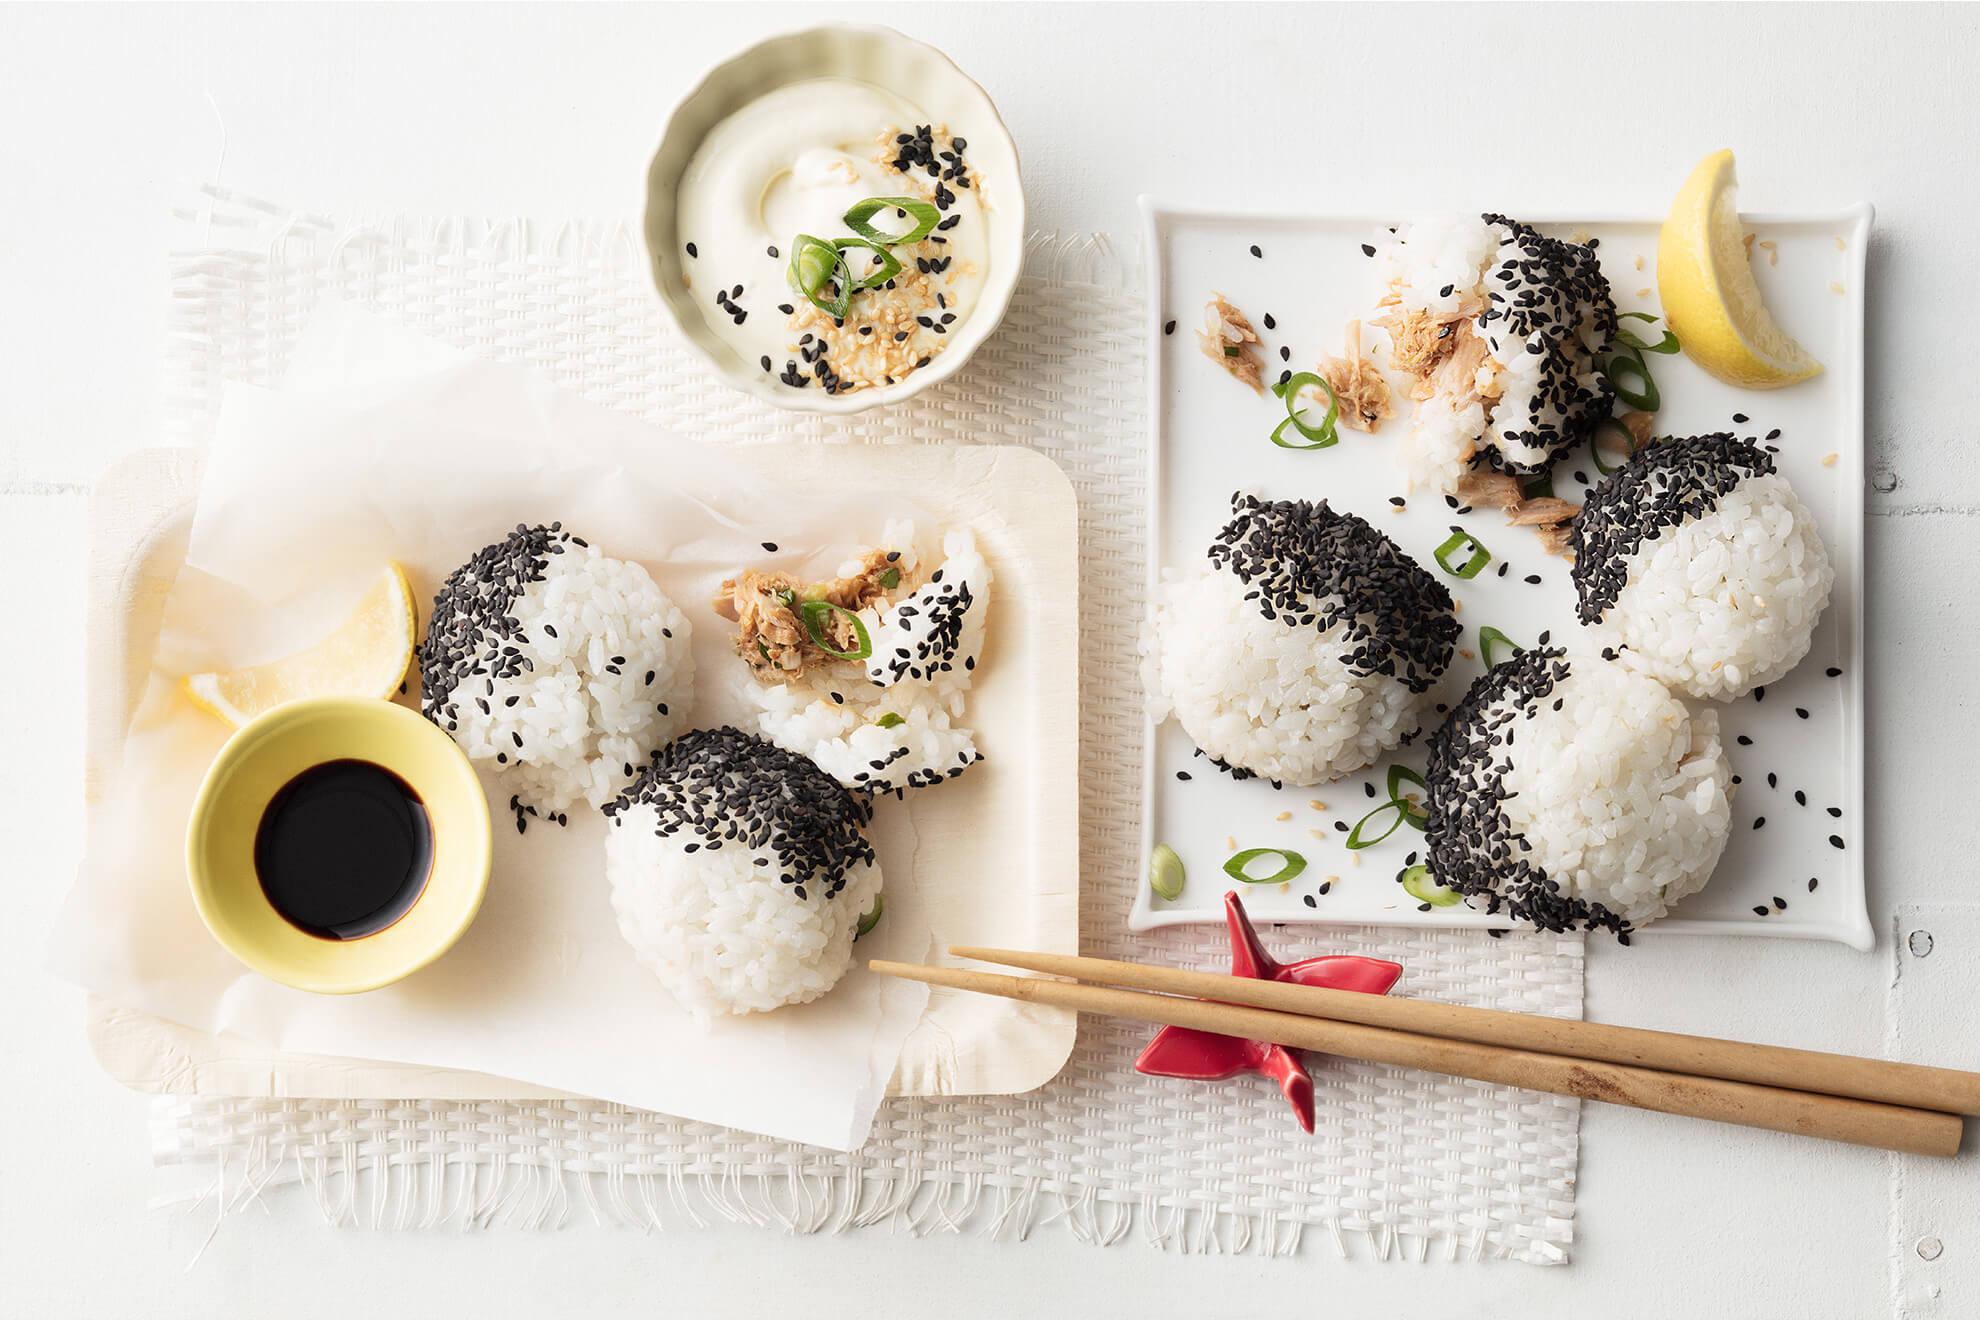 Japanese Sesame Balls with Sirena Tuna and Wasabi Mayonnaise Dip